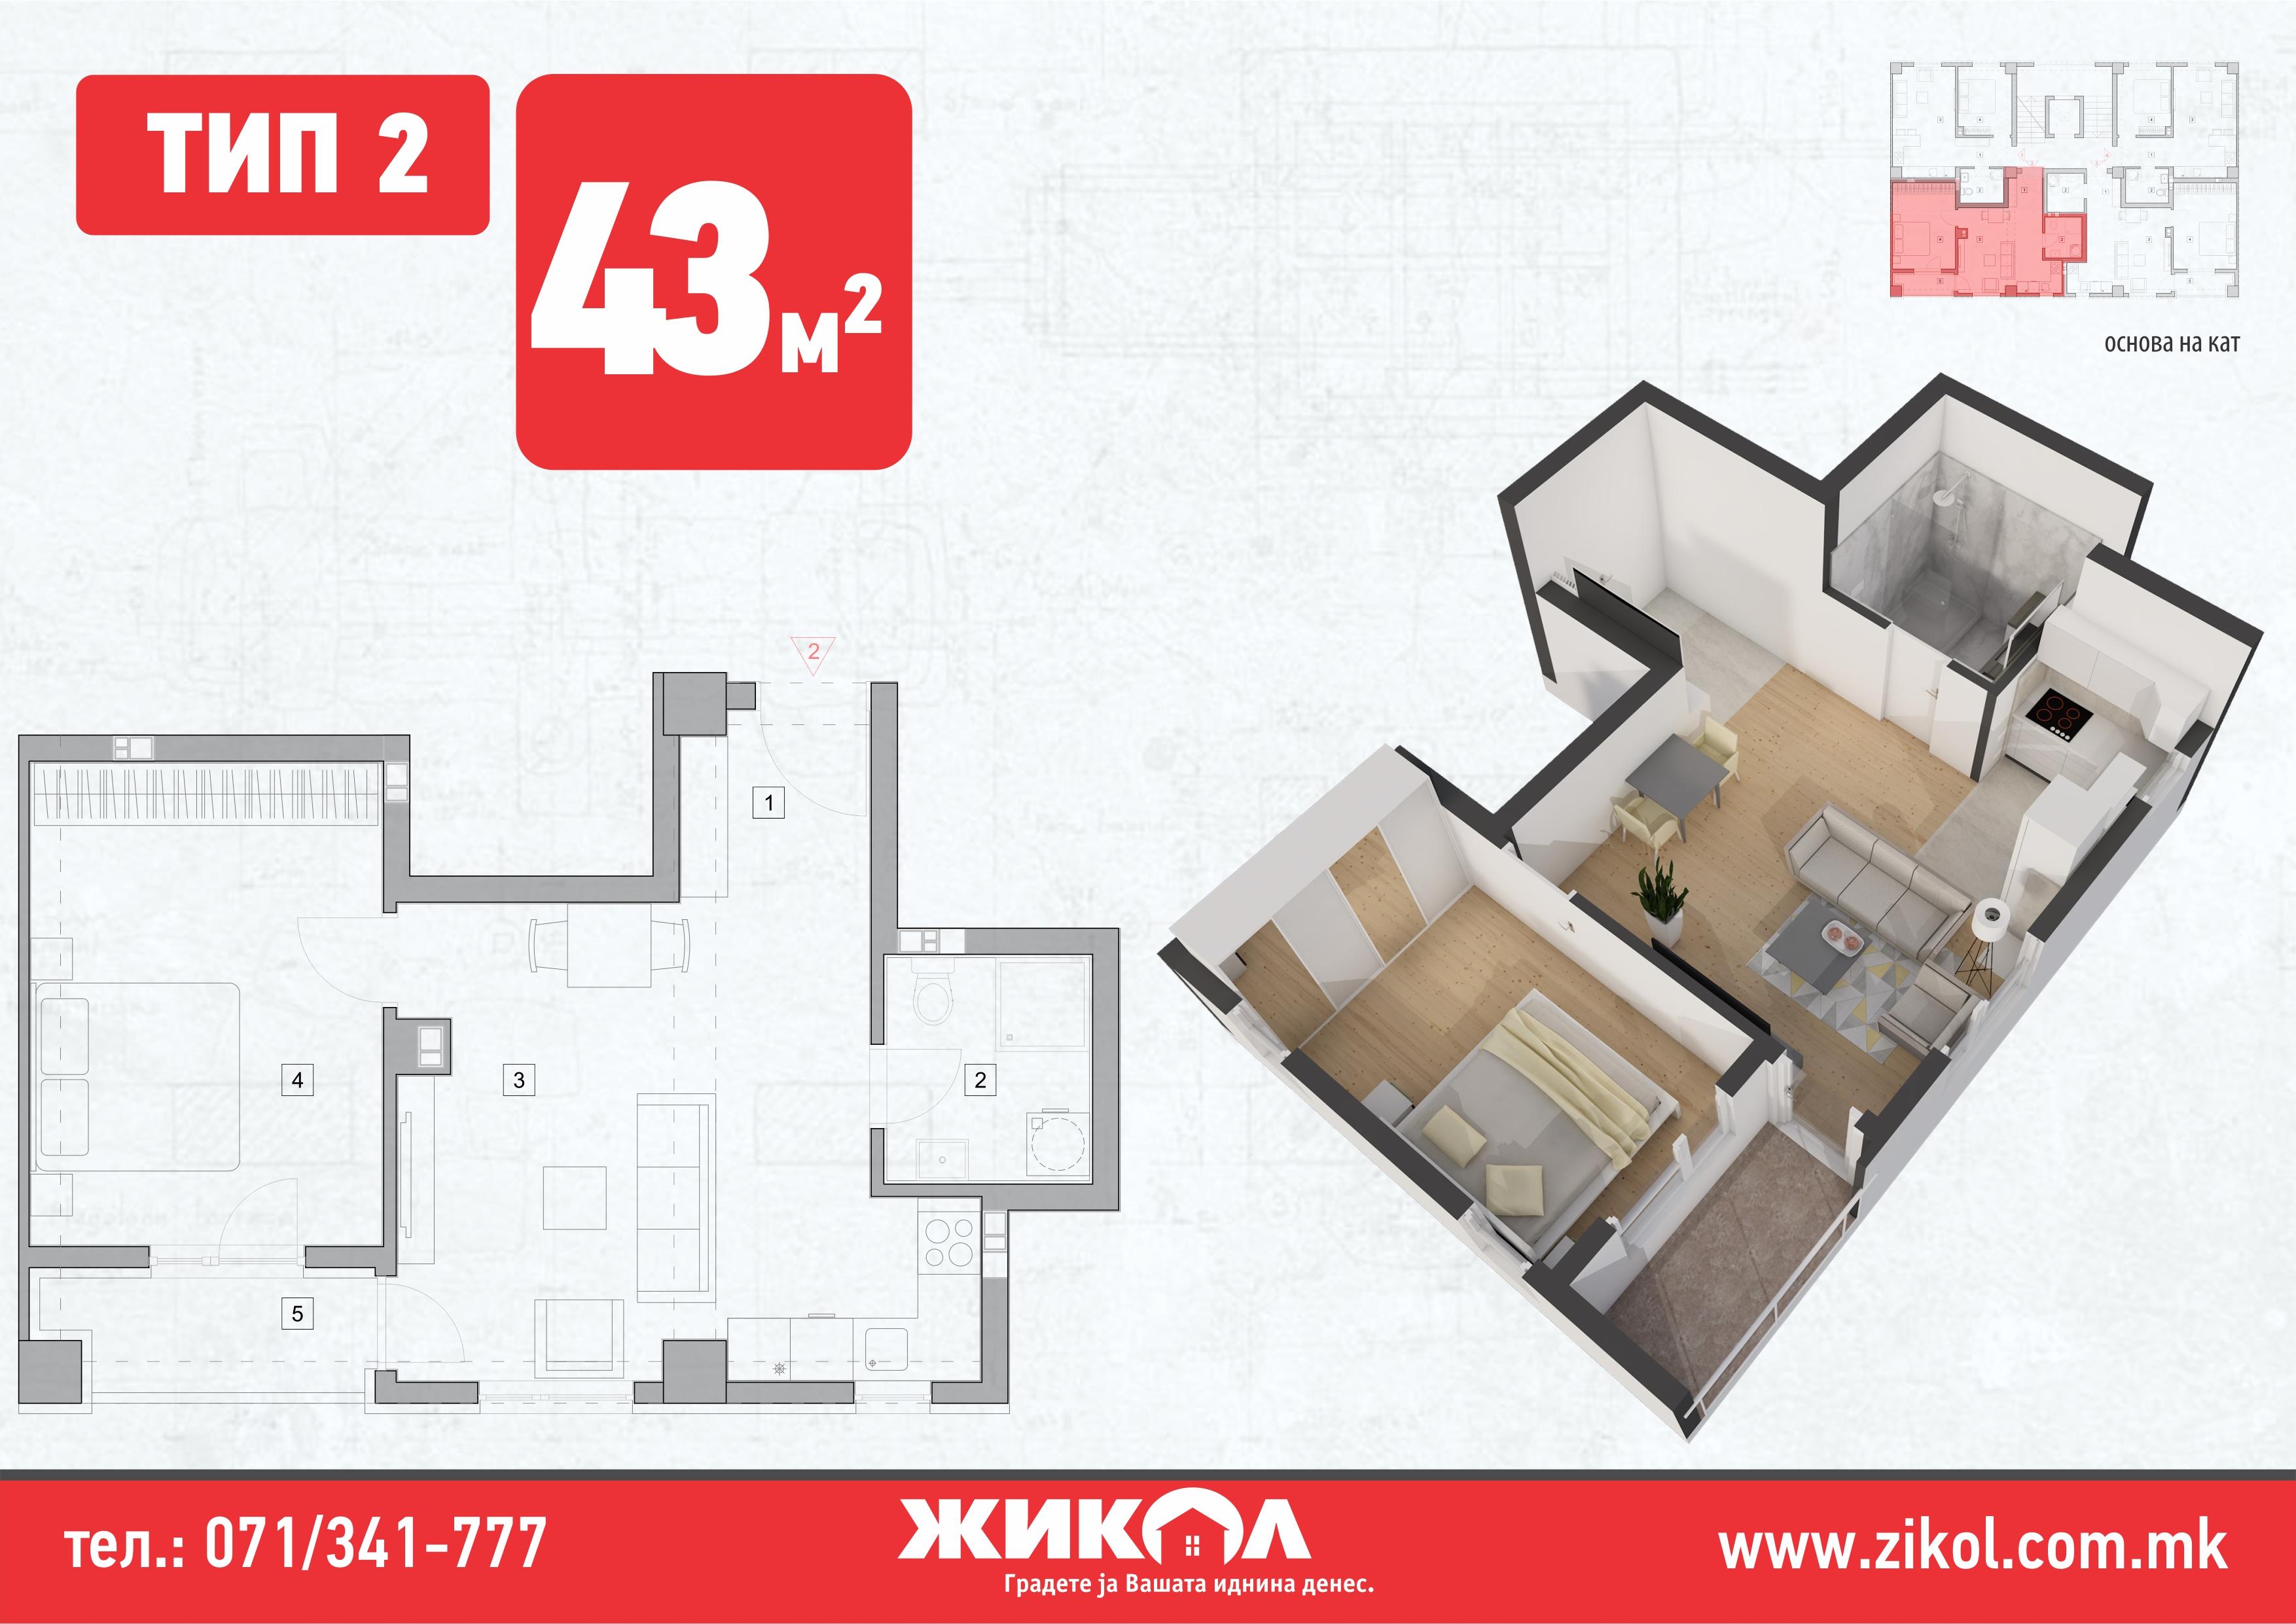 зграда 8, приземје, стан 2